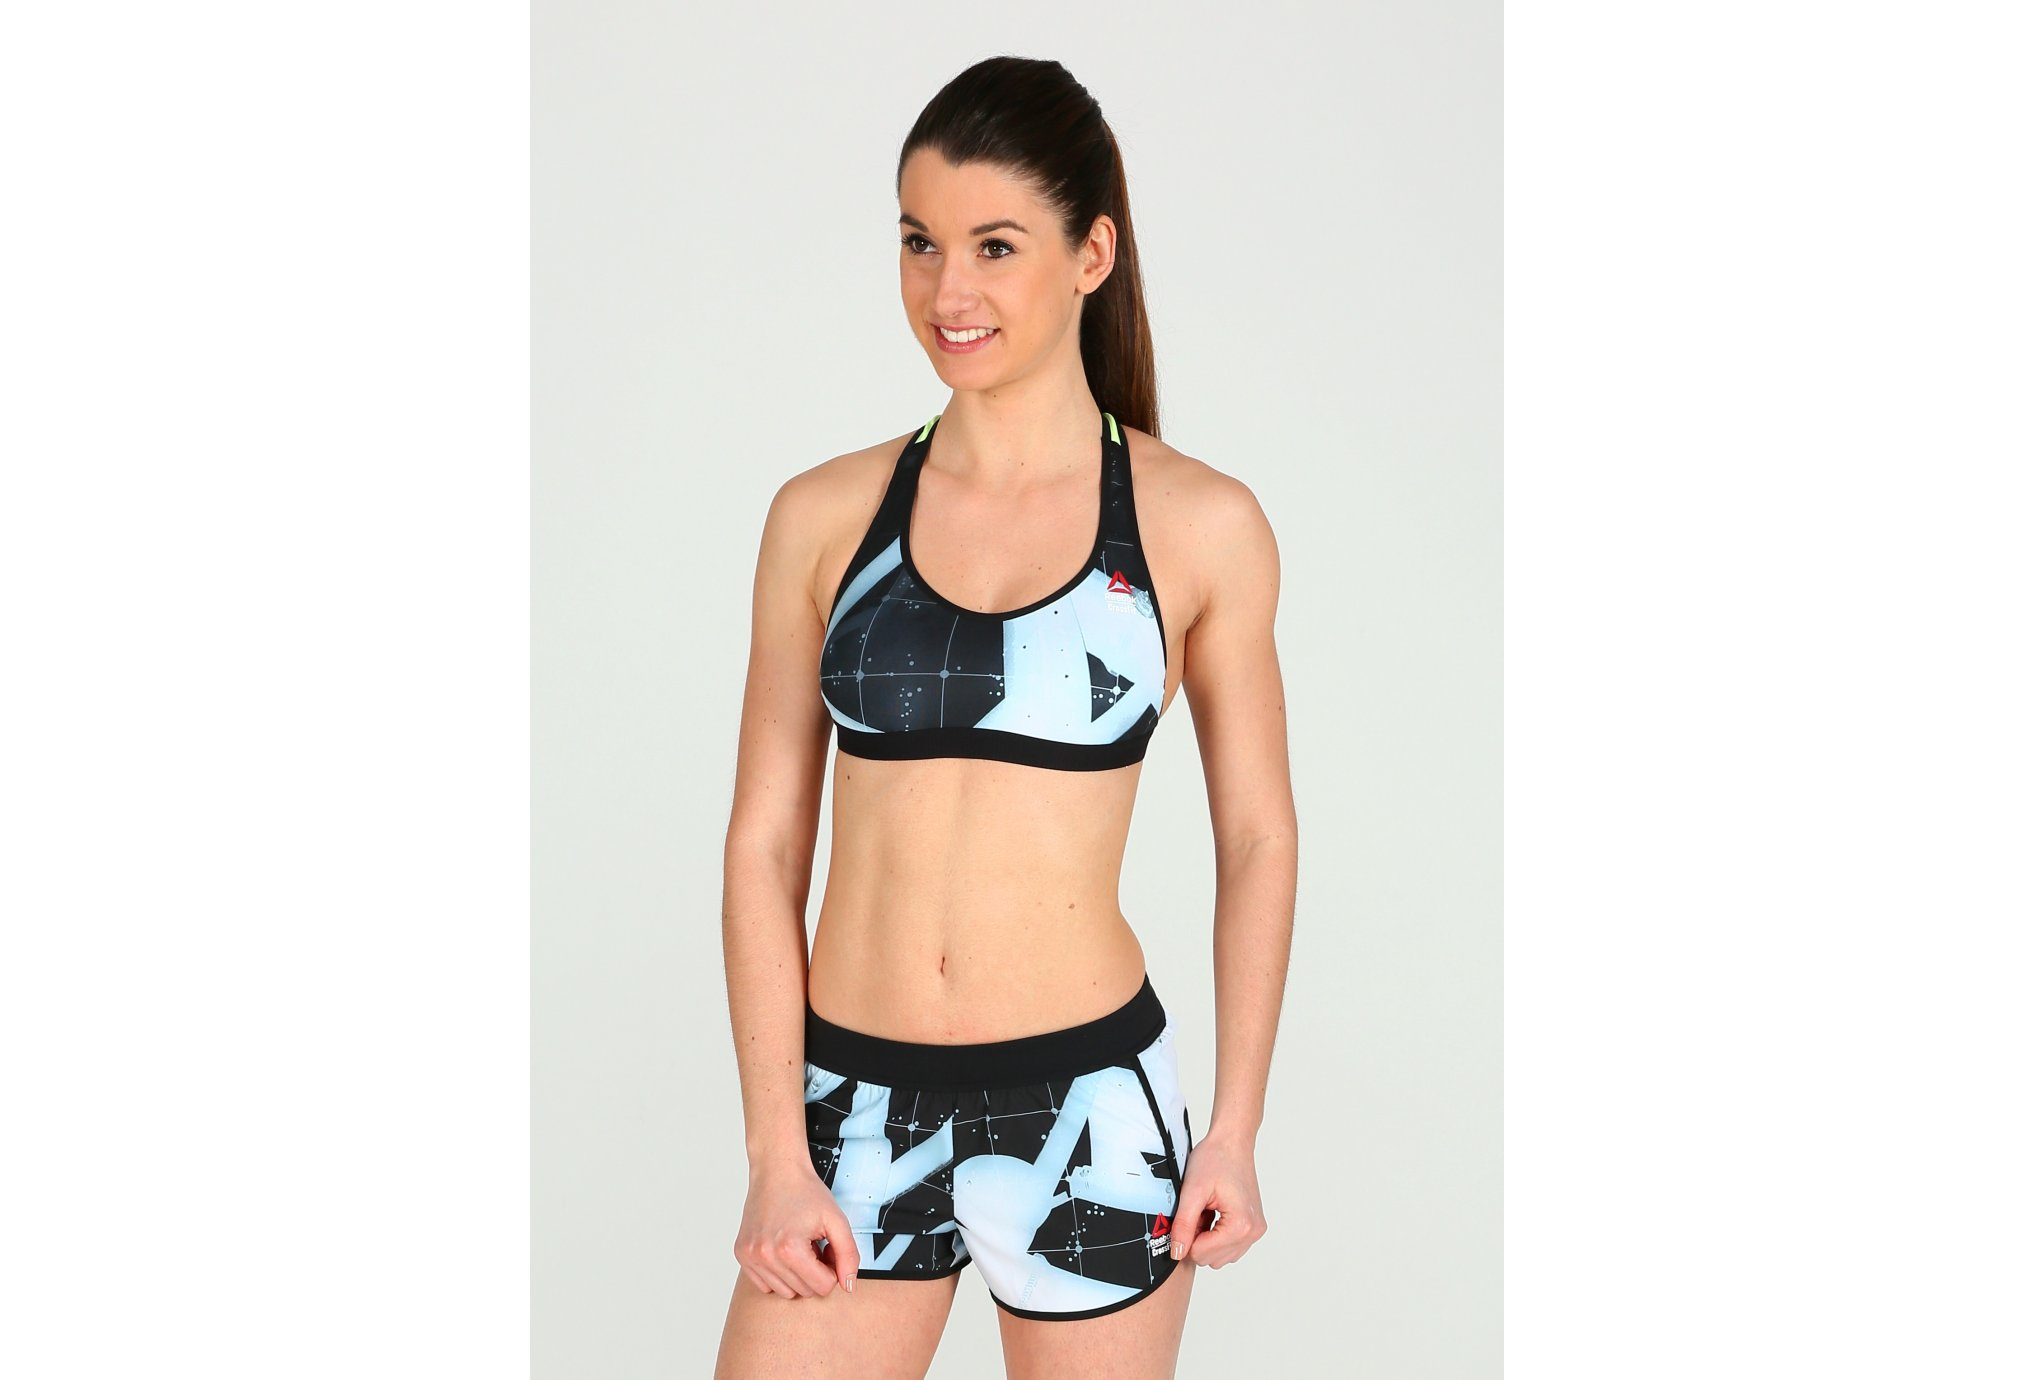 Reebok Crossfit Racer Diététique Vêtements femme